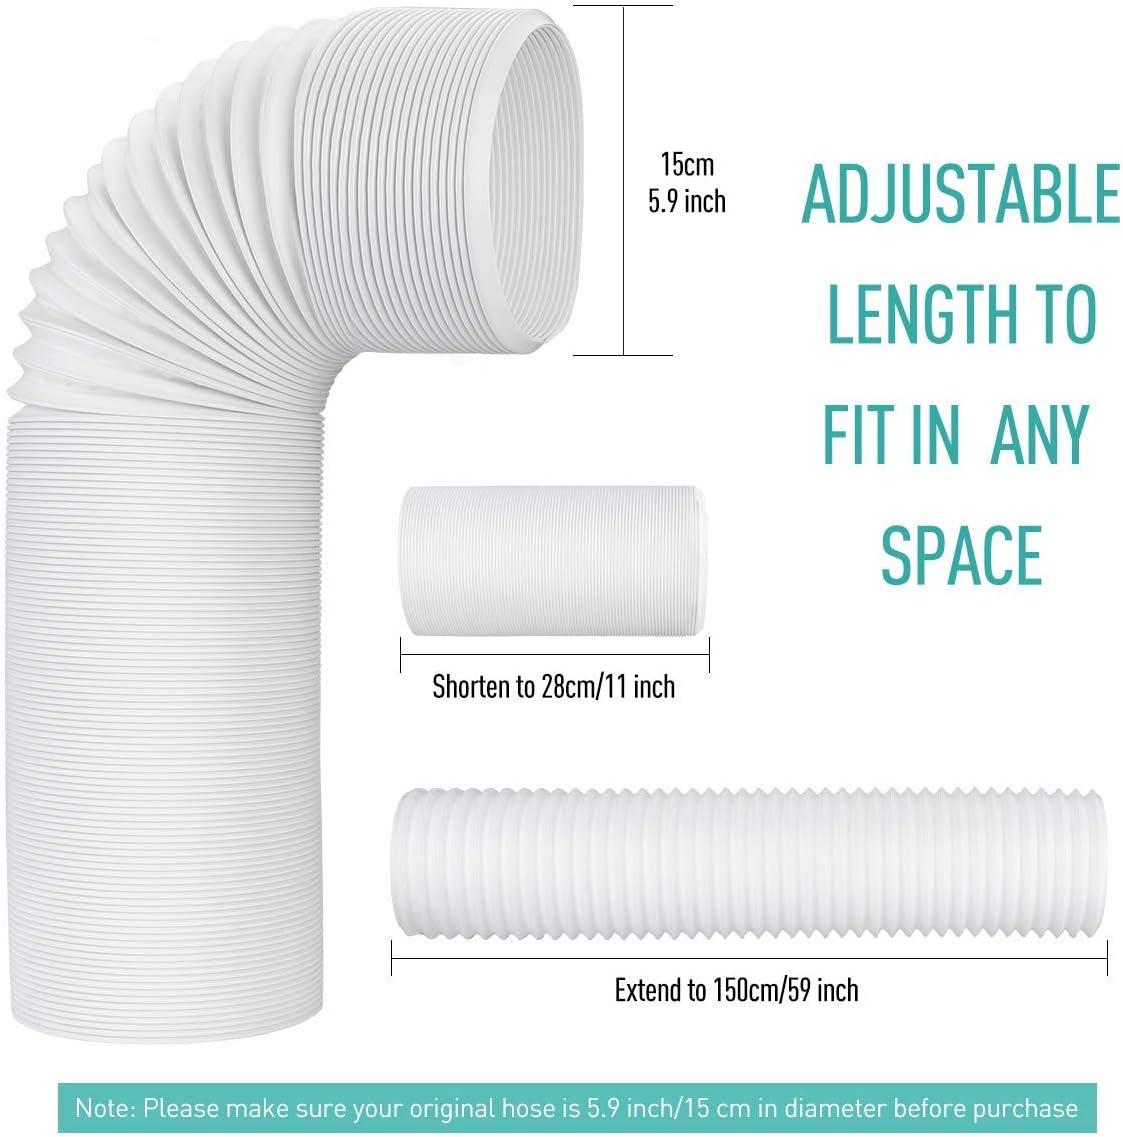 AGPTEK Tubo Flessibile di Scarico per Condizionatore Portatilein PVC con Diametro 15CM,Flessible da 28CM a 150CM,Tubi di Scarico Daria Universale Perfetto per Impianti di Climatizzazione,Asciugatrici